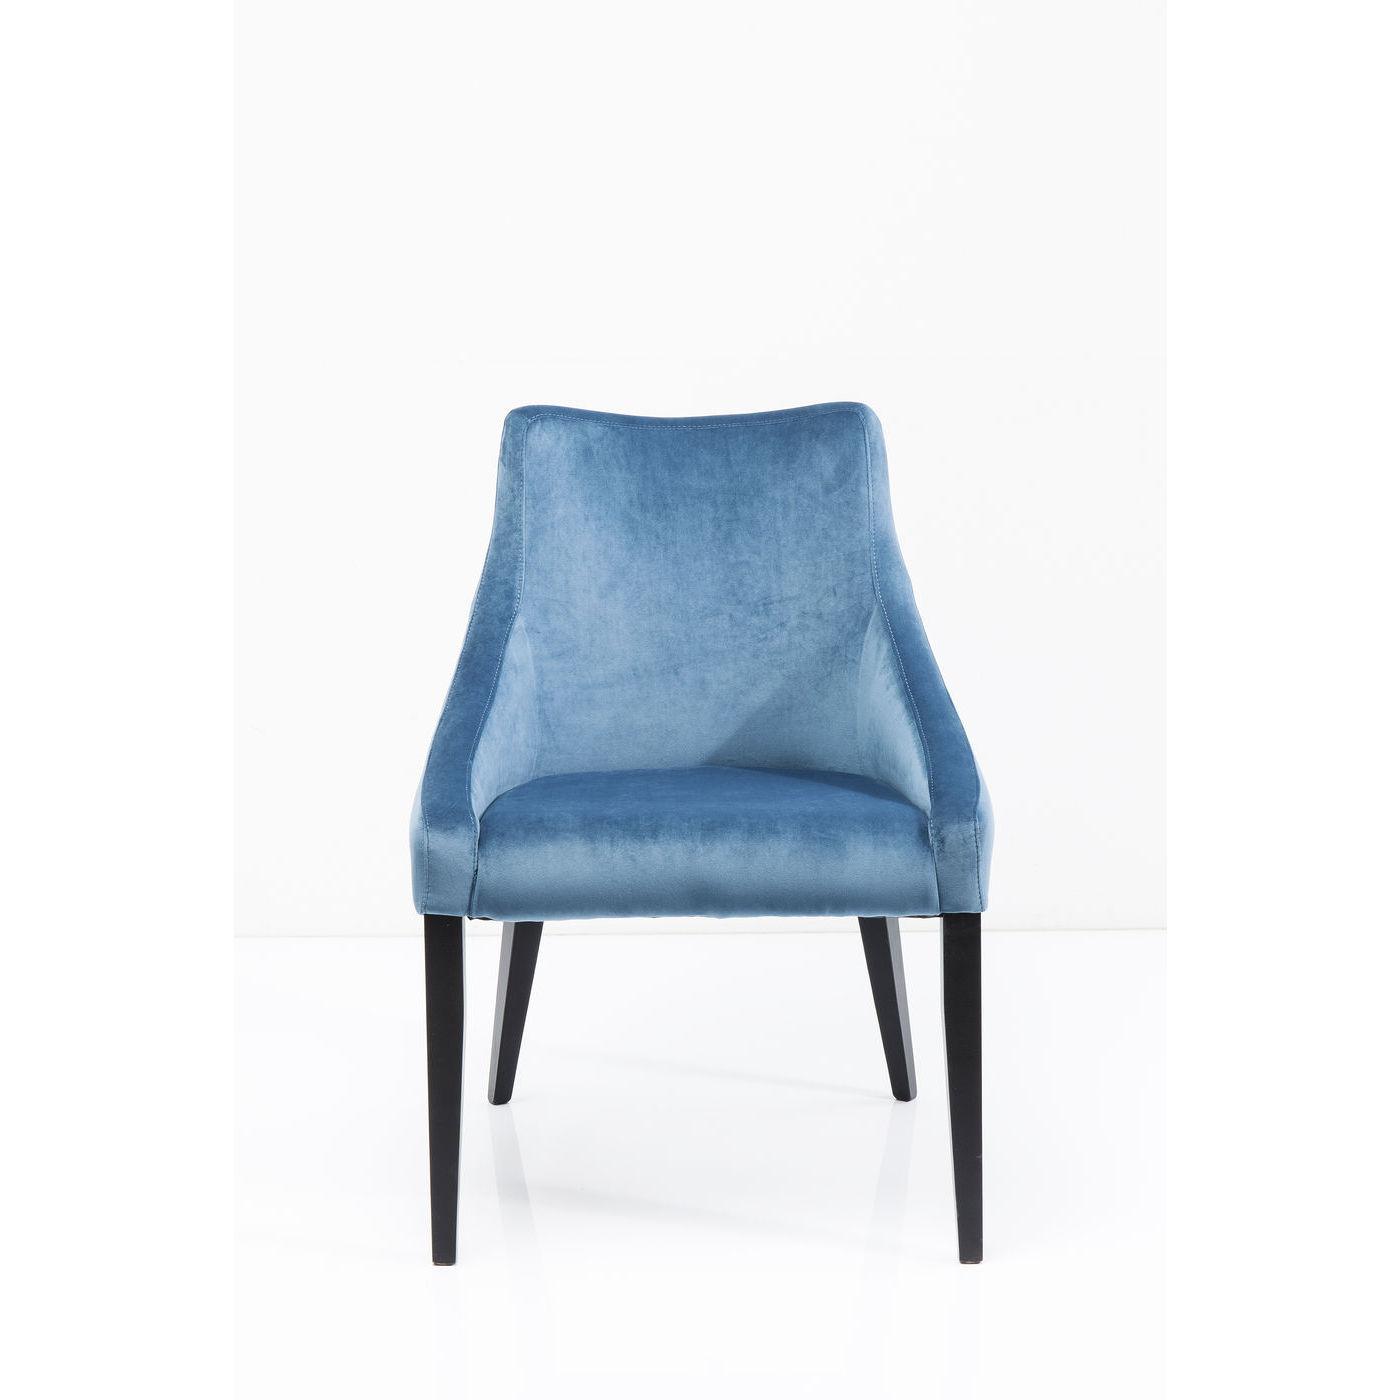 Image of   KARE DESIGN Black Mode Velvet Bluegreen lænestol - blåt/grønt stof/bøg, m. armlæn